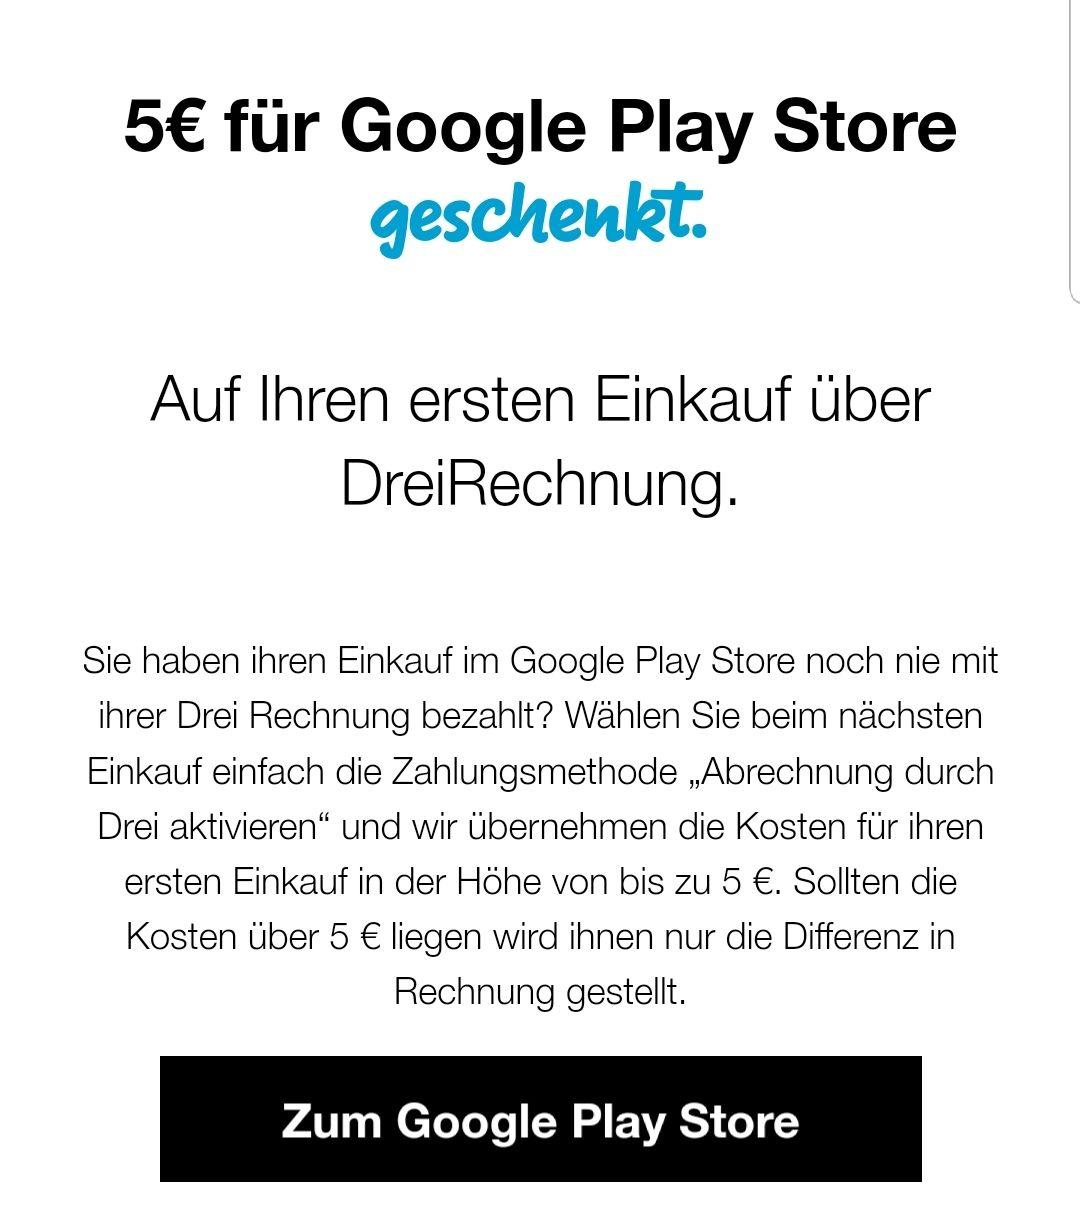 !!!nur für DREI Kunden!!! 5€ für Google Play Store geschenkt.